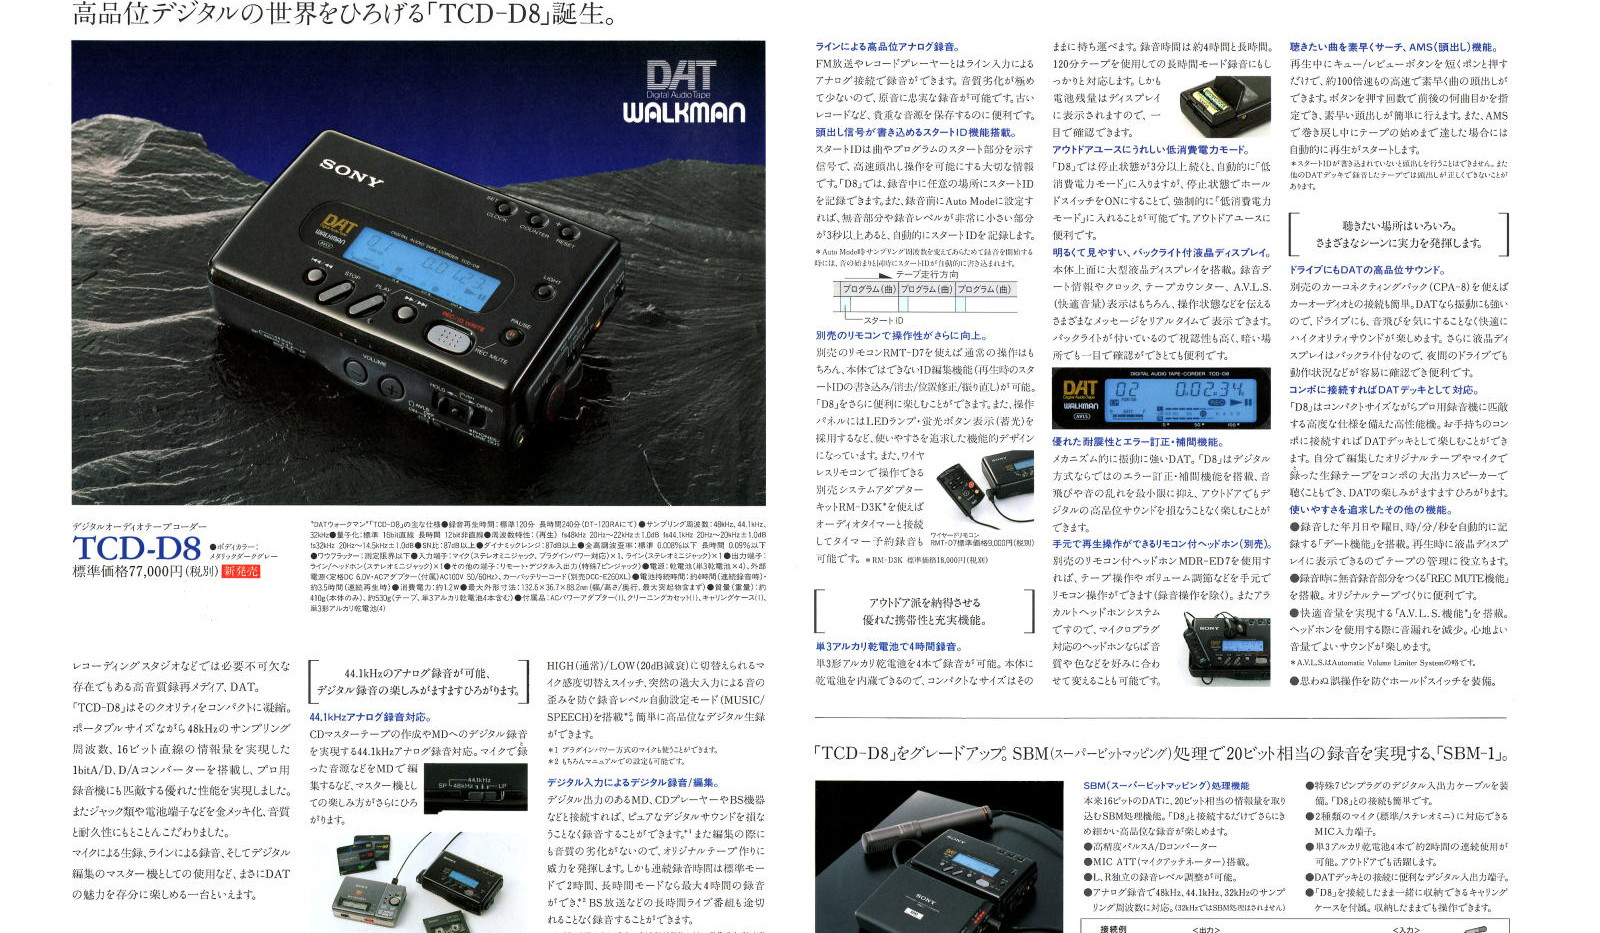 19951.9-TCD-D8-WMD-DT1-DE.jpg